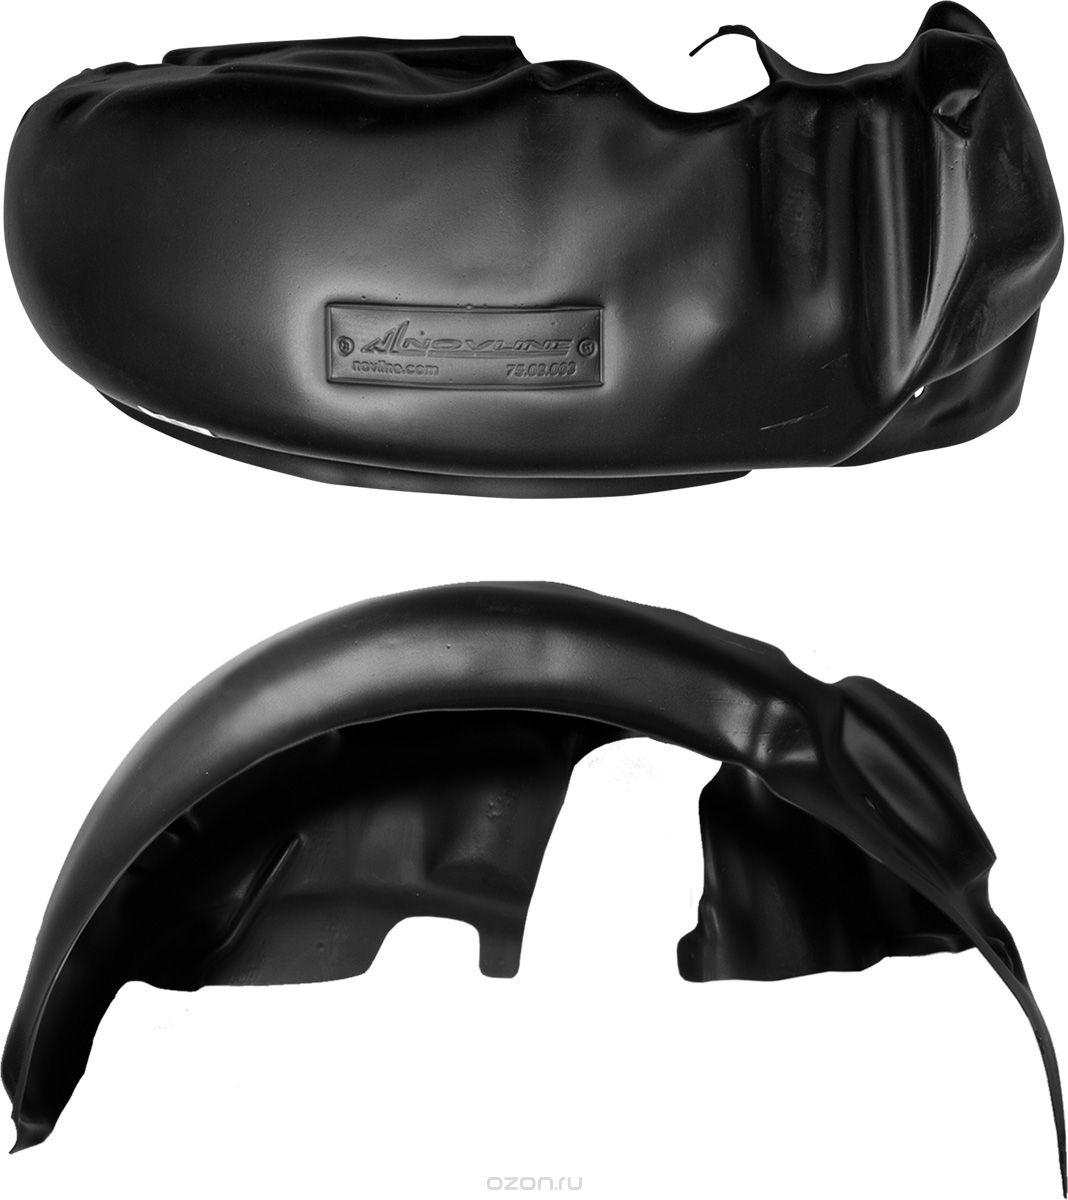 Подкрылок Novline-Autofamily, для BRILLIANCE H230, 04/2015->, передний правыйNLL.95.02.002Идеальная защита колесной ниши. Локеры разработаны с применением цифровых технологий, гарантируют максимальную повторяемость поверхности арки. Изделия устанавливаются без нарушения лакокрасочного покрытия автомобиля, каждый подкрылок комплектуется крепежом. Уважаемые клиенты, обращаем ваше внимание, что фотографии на подкрылки универсальные и не отражают реальную форму изделия. При этом само изделие идет точно под размер указанного автомобиля.